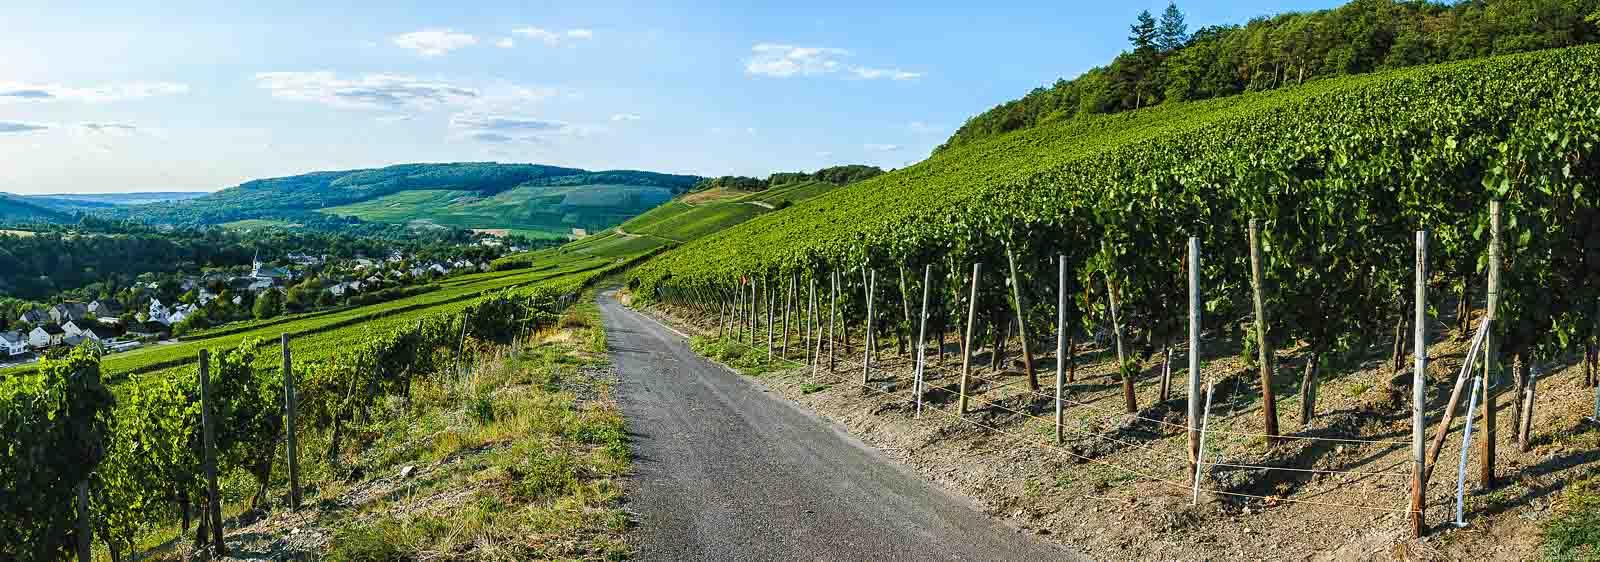 Weg in Weinberg Maringer Sonnenuhr und Dorf Maring-Noviand im Hintergrund